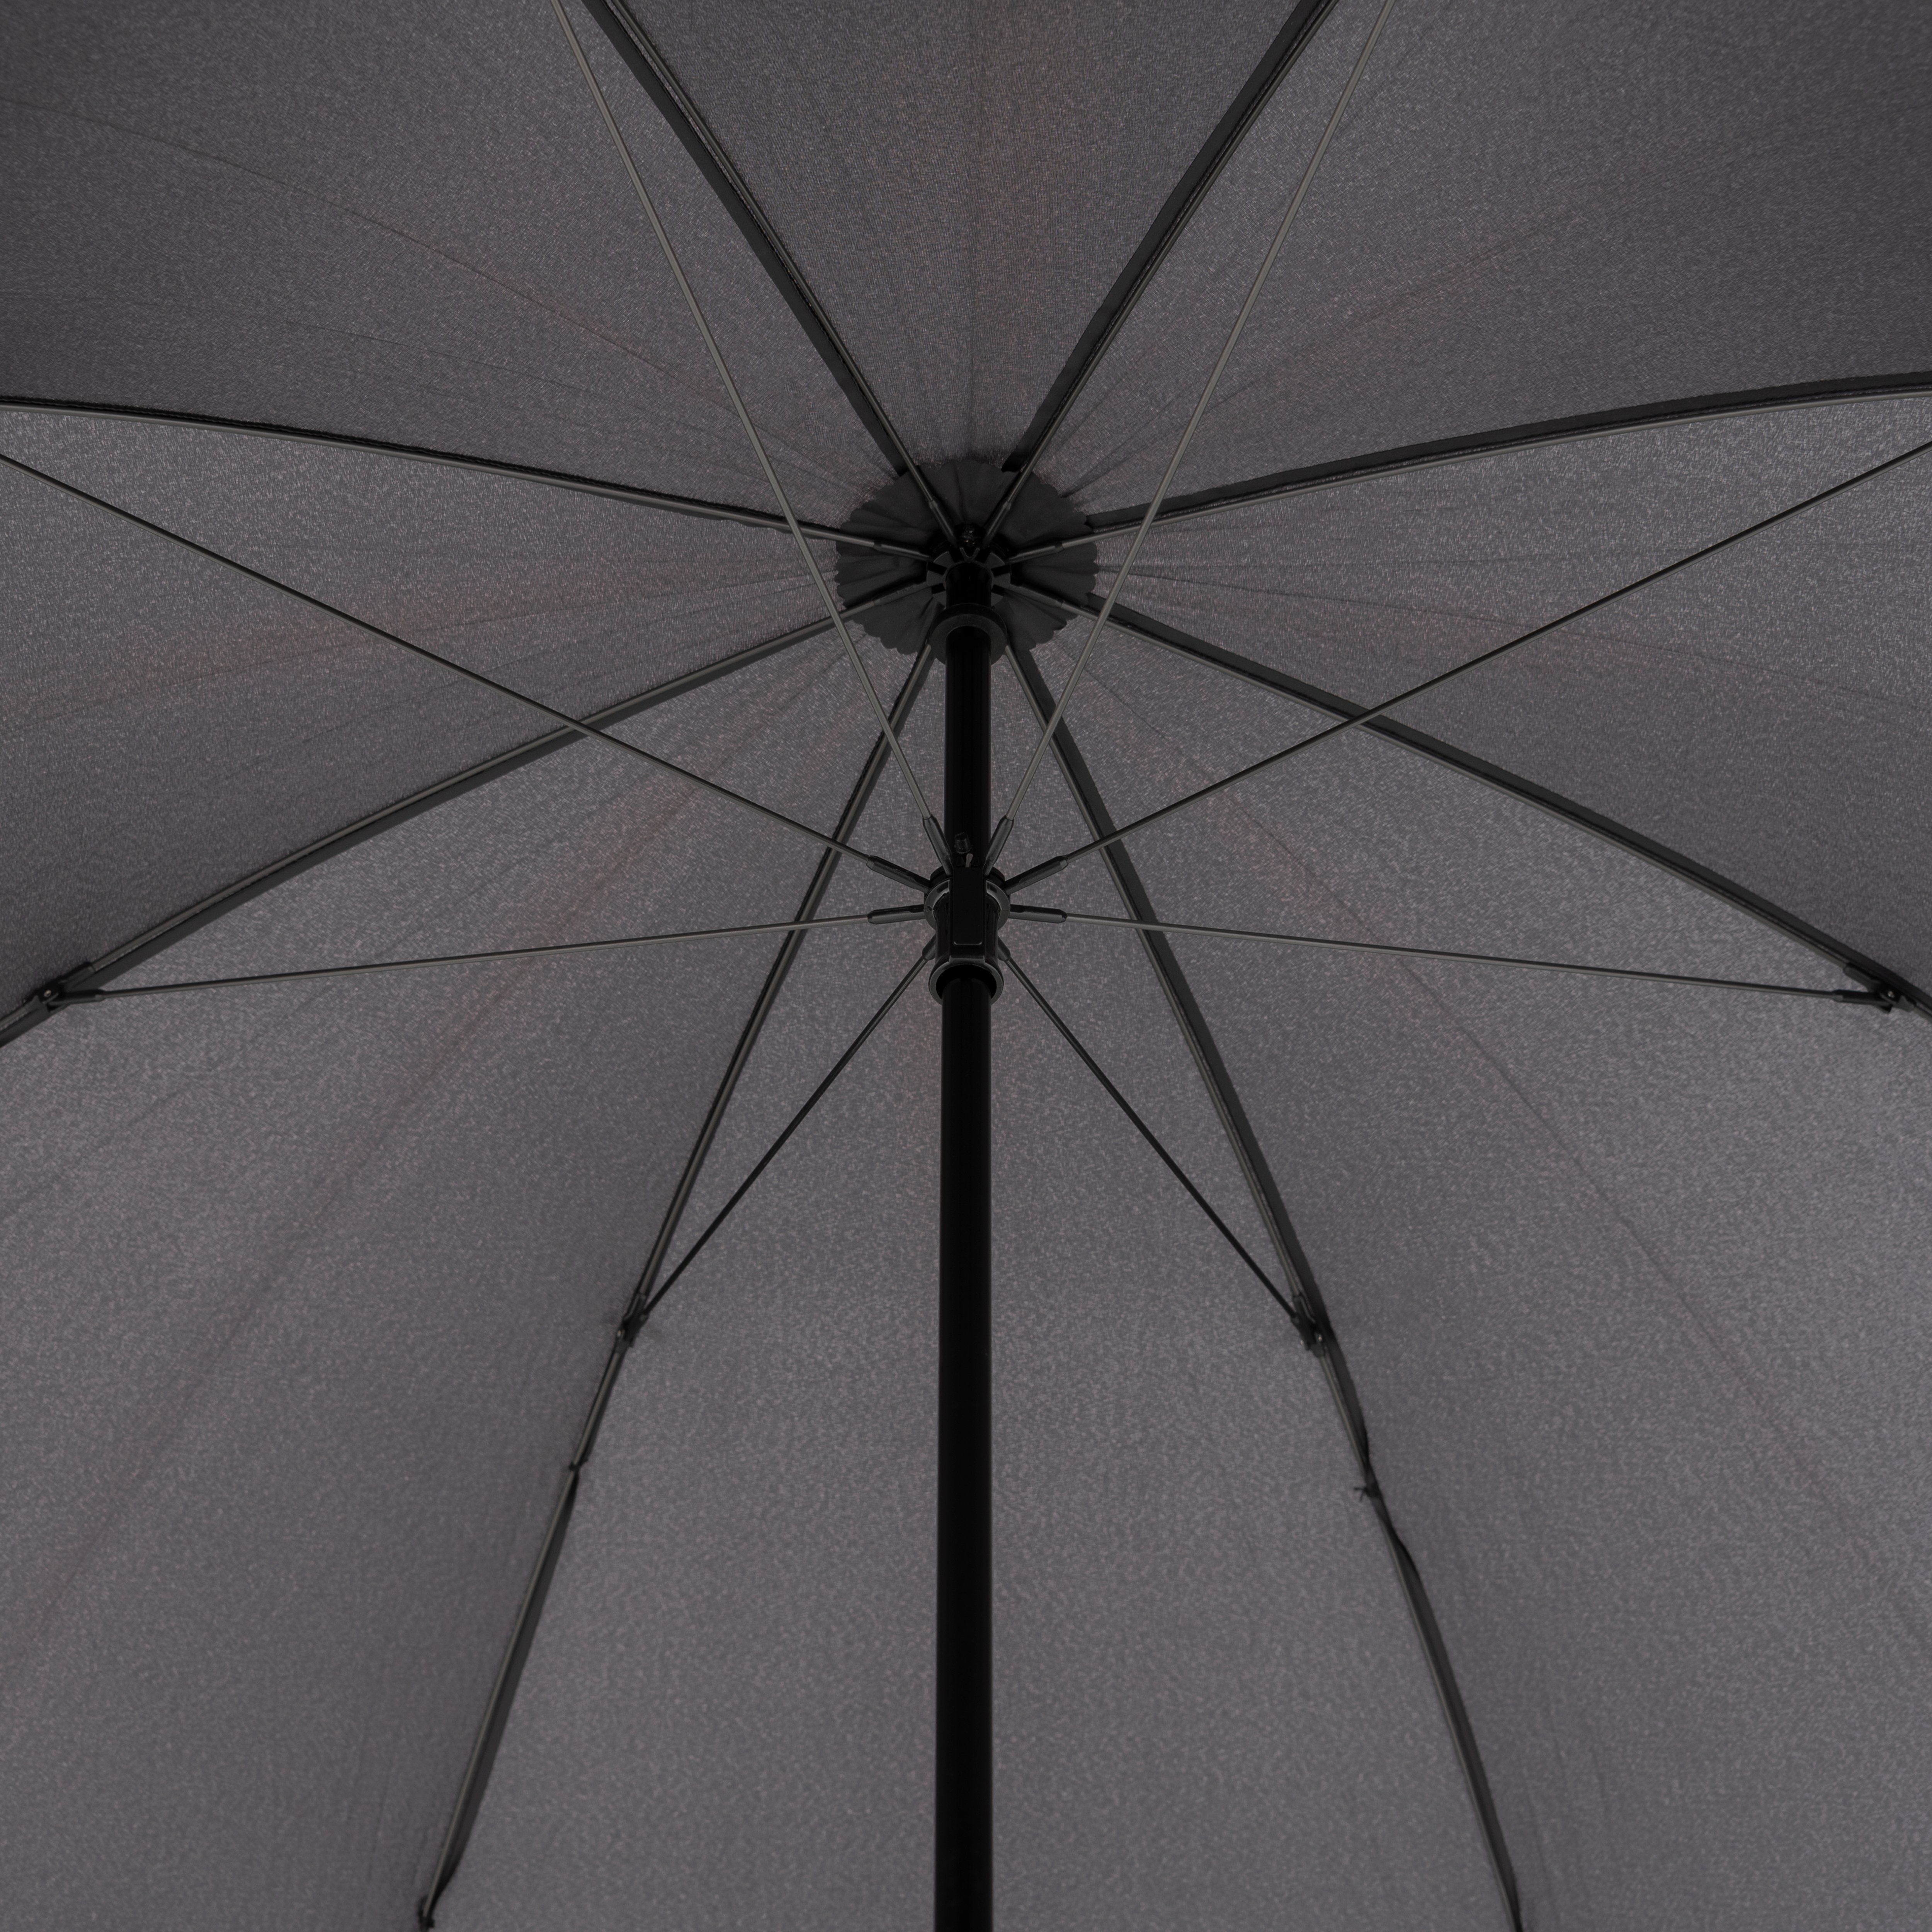 Knirps Umbrella U.900 ultra light XXL manual - foto 4